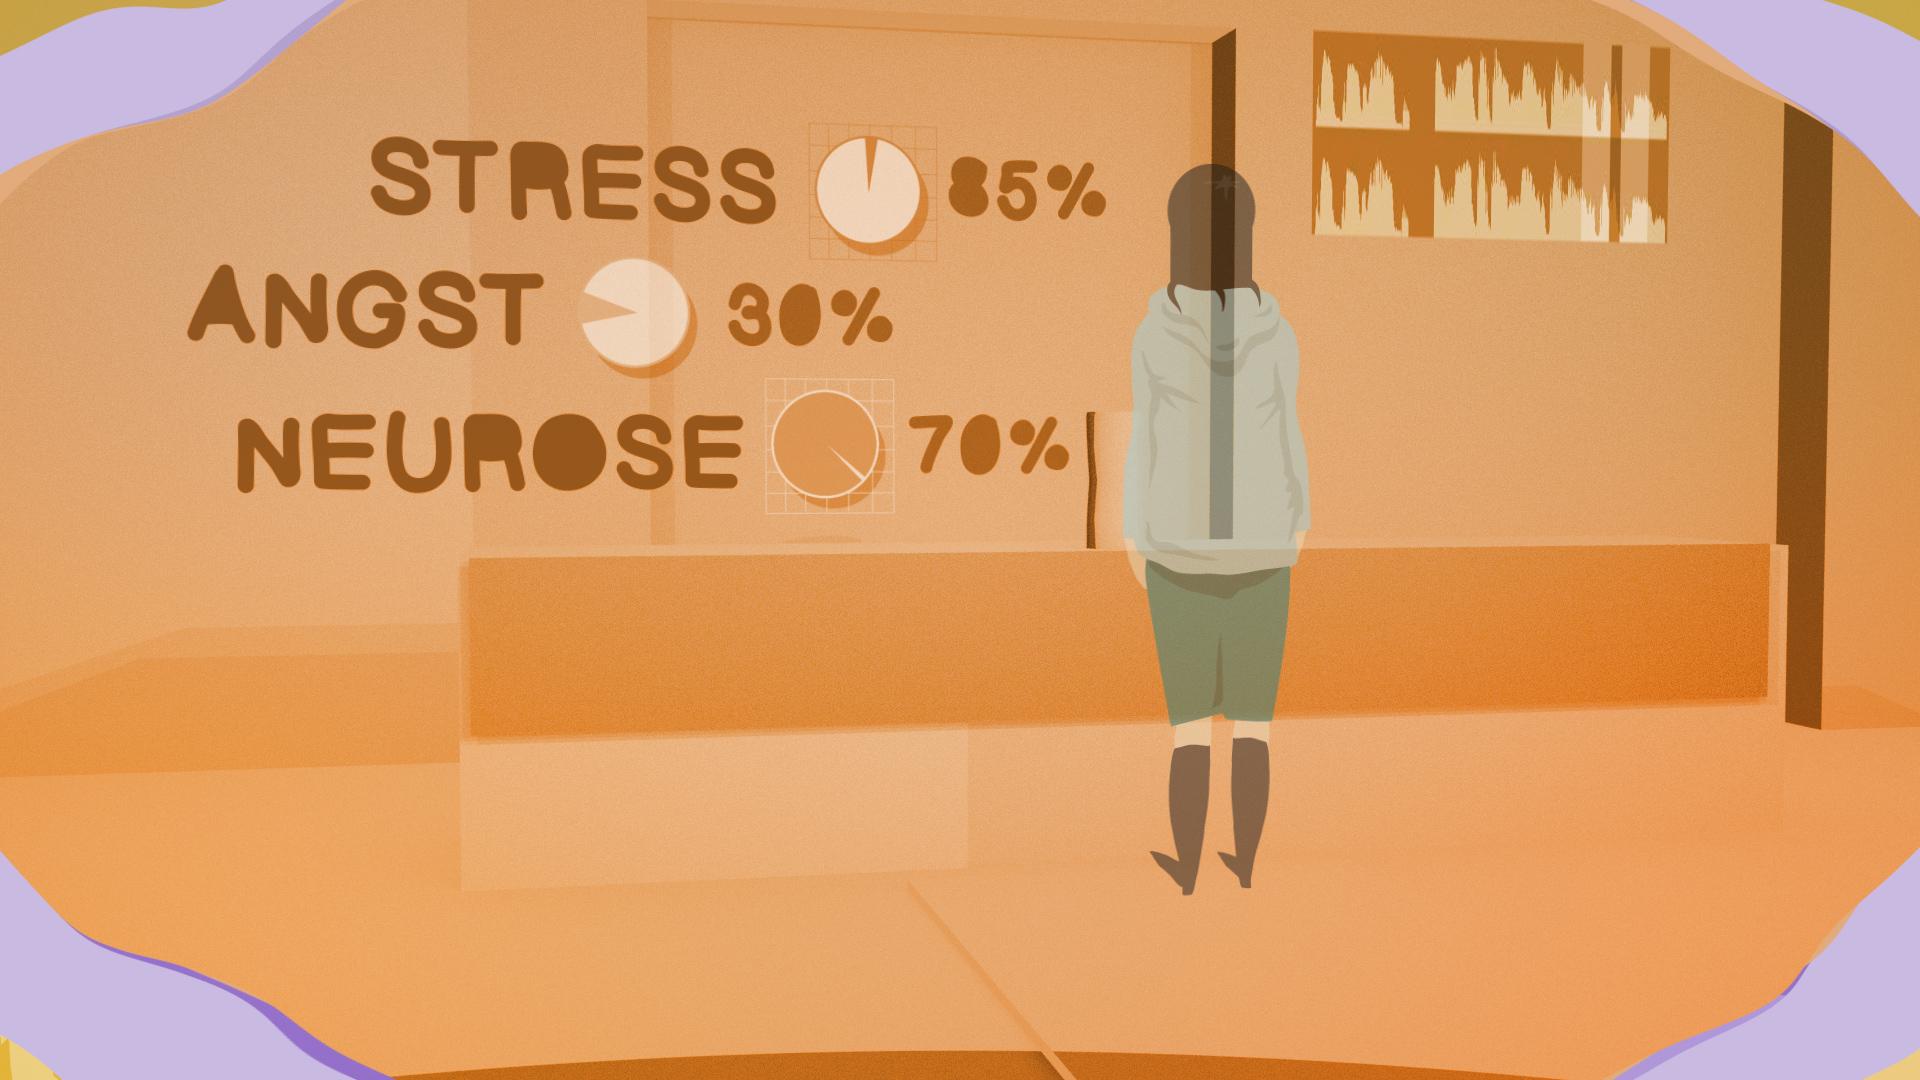 Daten ohne Kontext: Computeranalysen liefern wichtige Erkenntnisse zum Gesundheitszustand eines Menschen. Dinge wie Liebeskummer oder Stress, die uns als soziale Wesen auszeichnen, bilden sie dabei eher nicht ab.